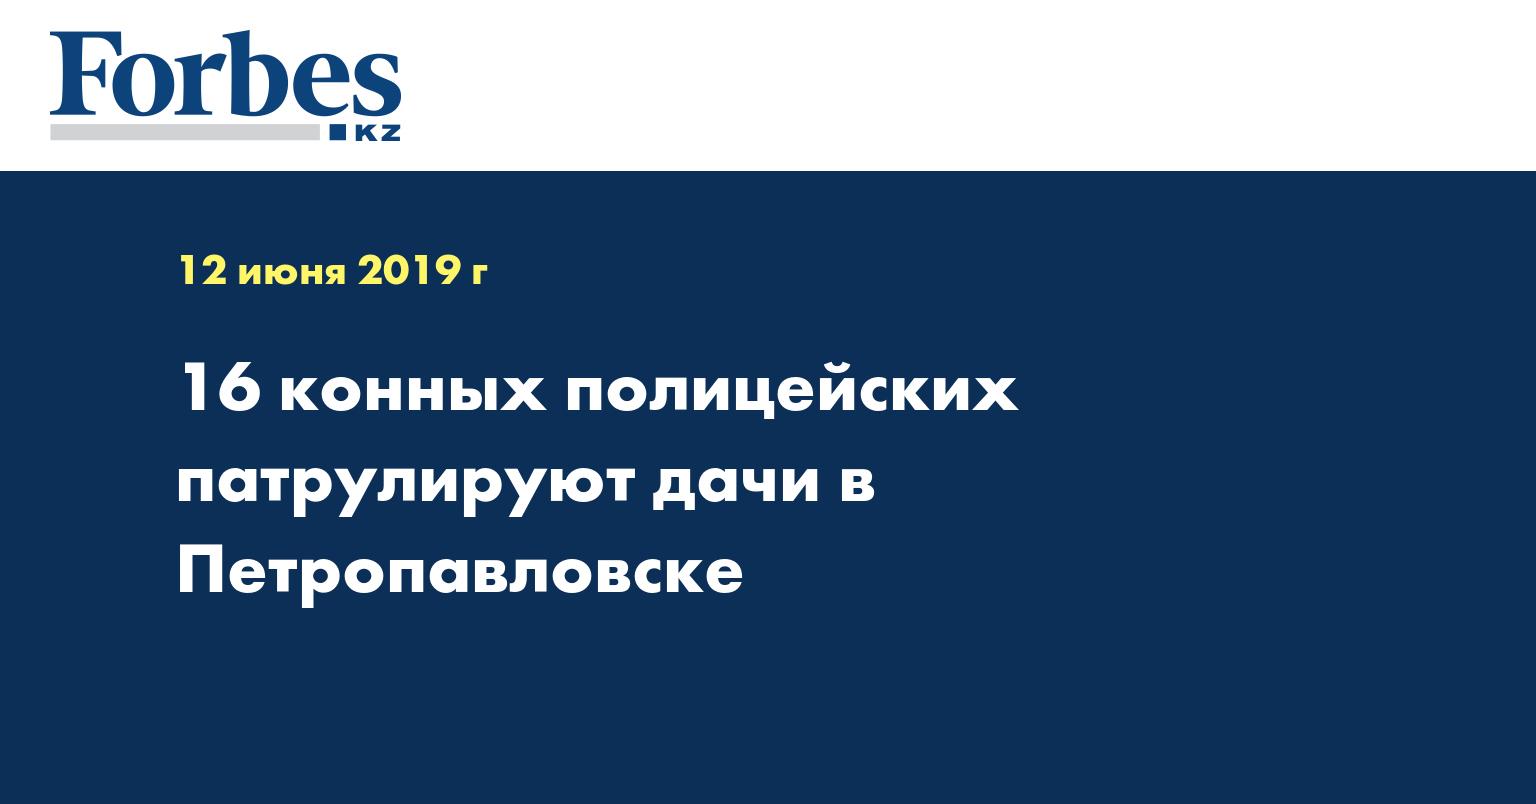 16 конных полицейских патрулируют дачи в Петропавловске